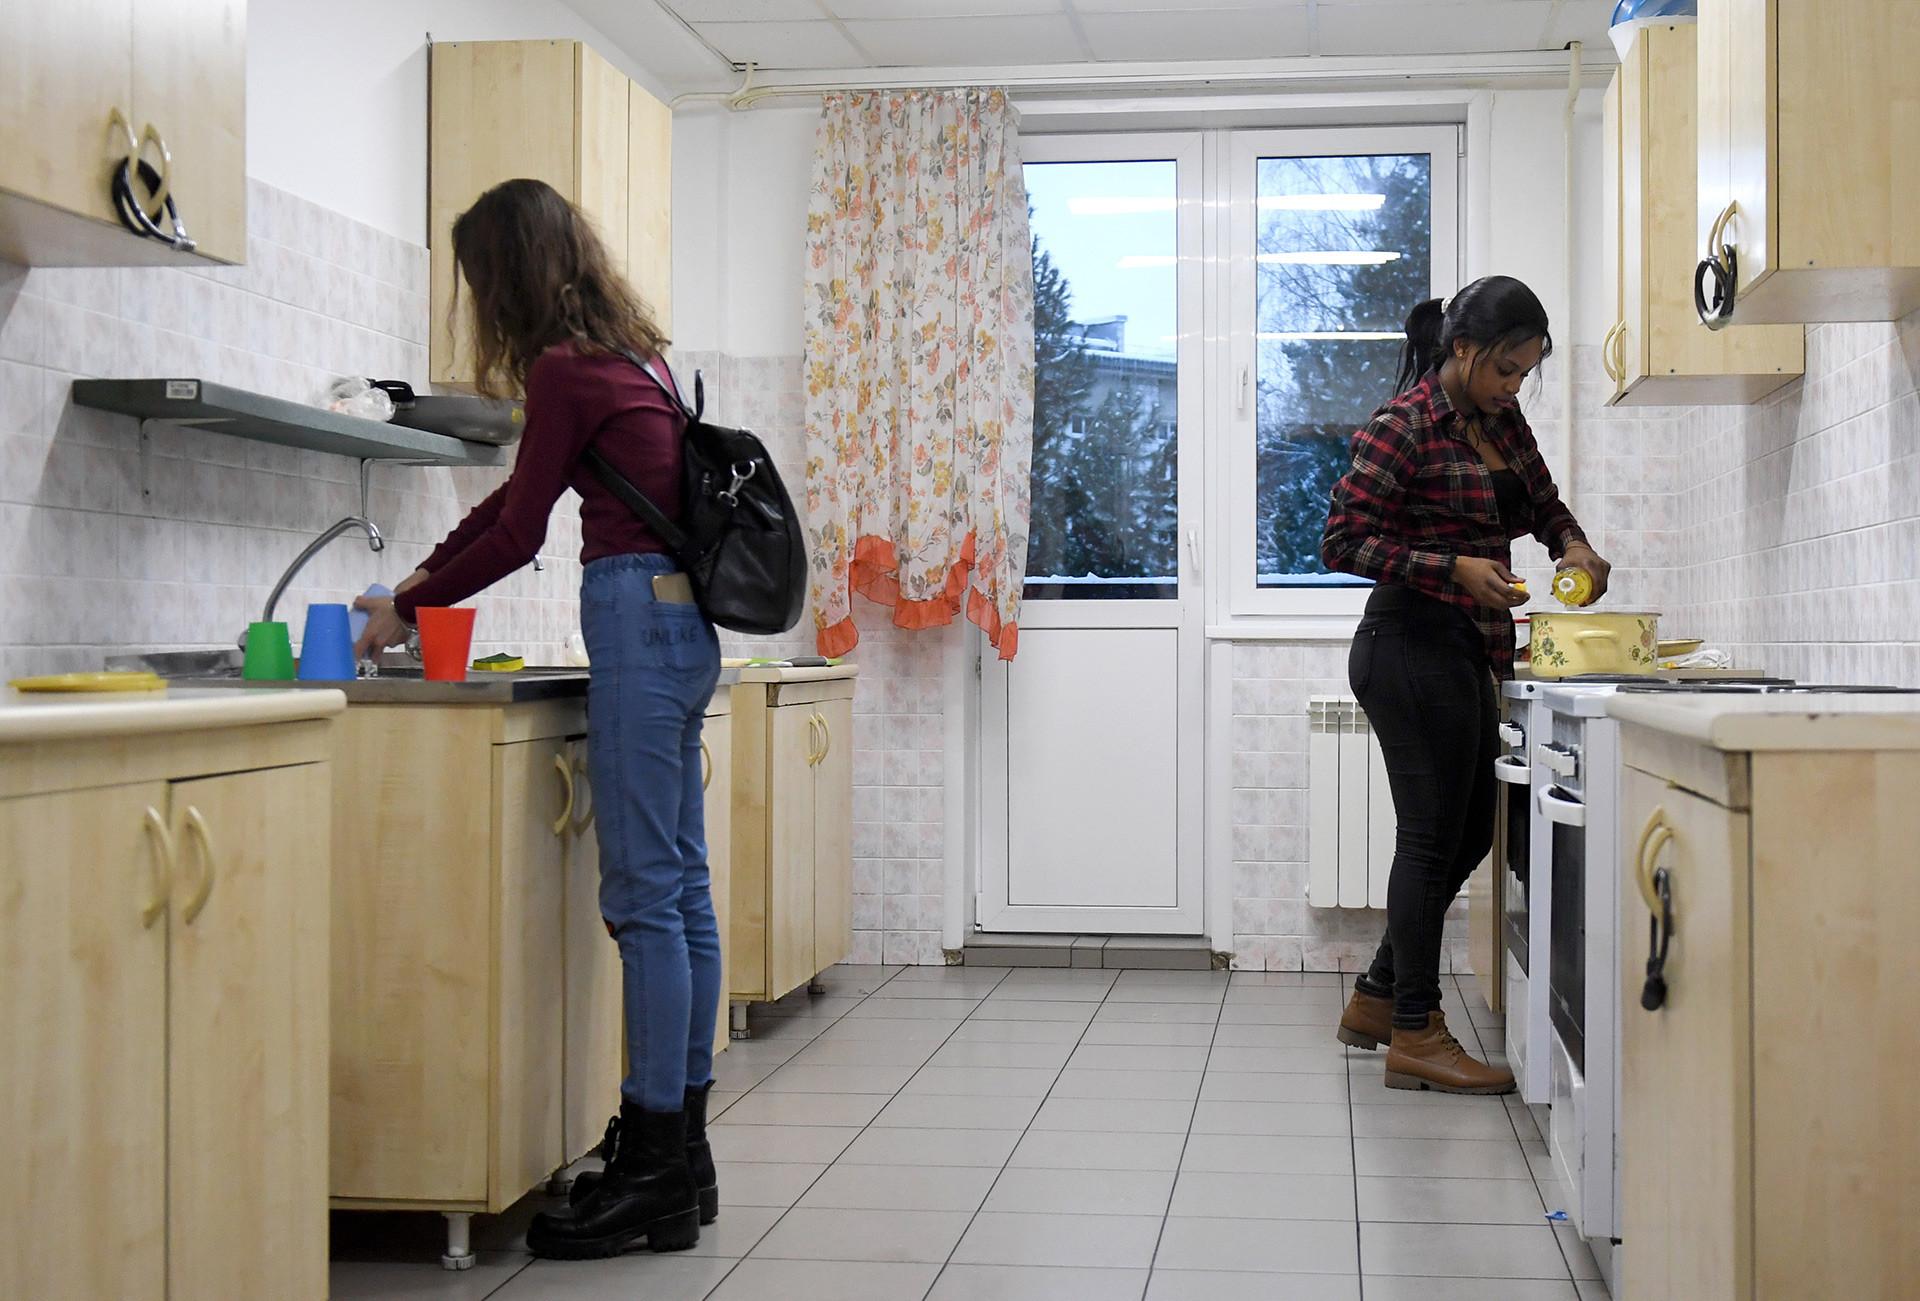 Asrama mahasiswa, Rusia